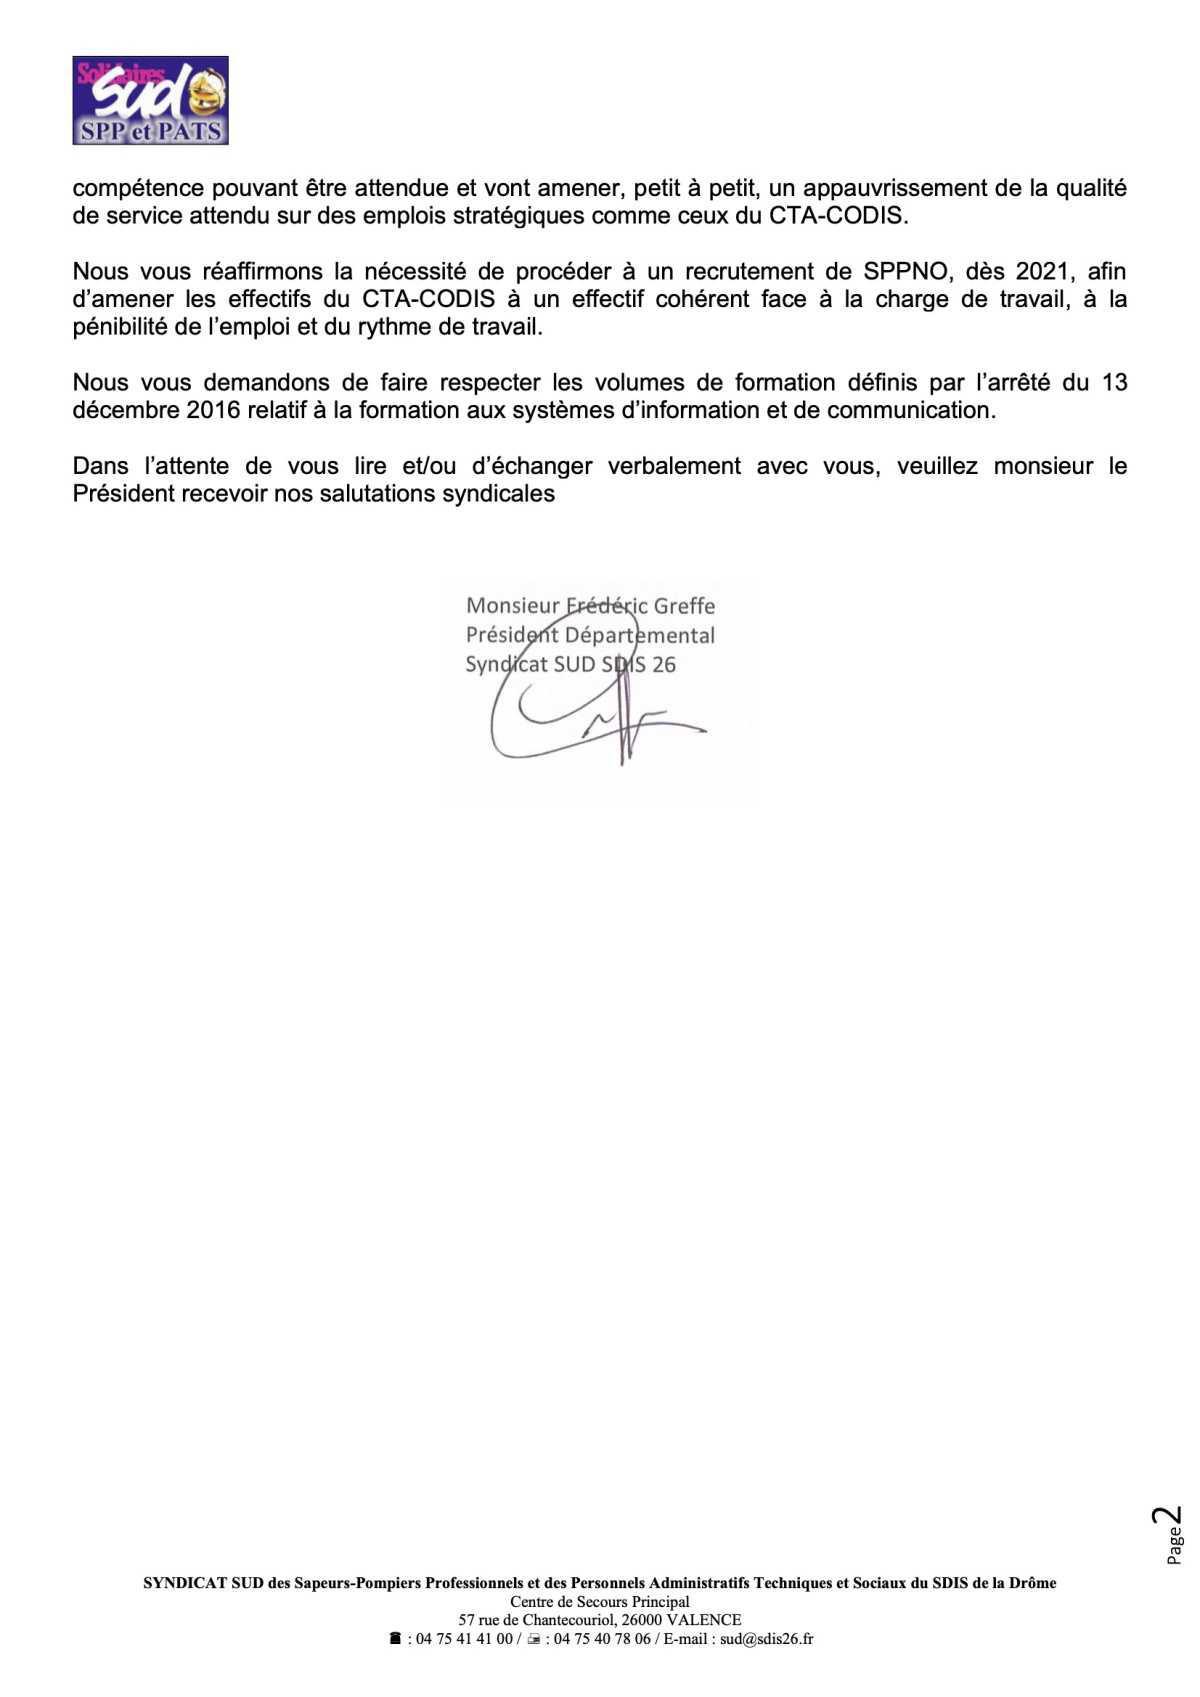 SUD 26 interpelle le SDIS sur les effectifs du CTA-CODIS et l'avis de vacance de poste d'opérateur salle opérationnelle pour les SPV